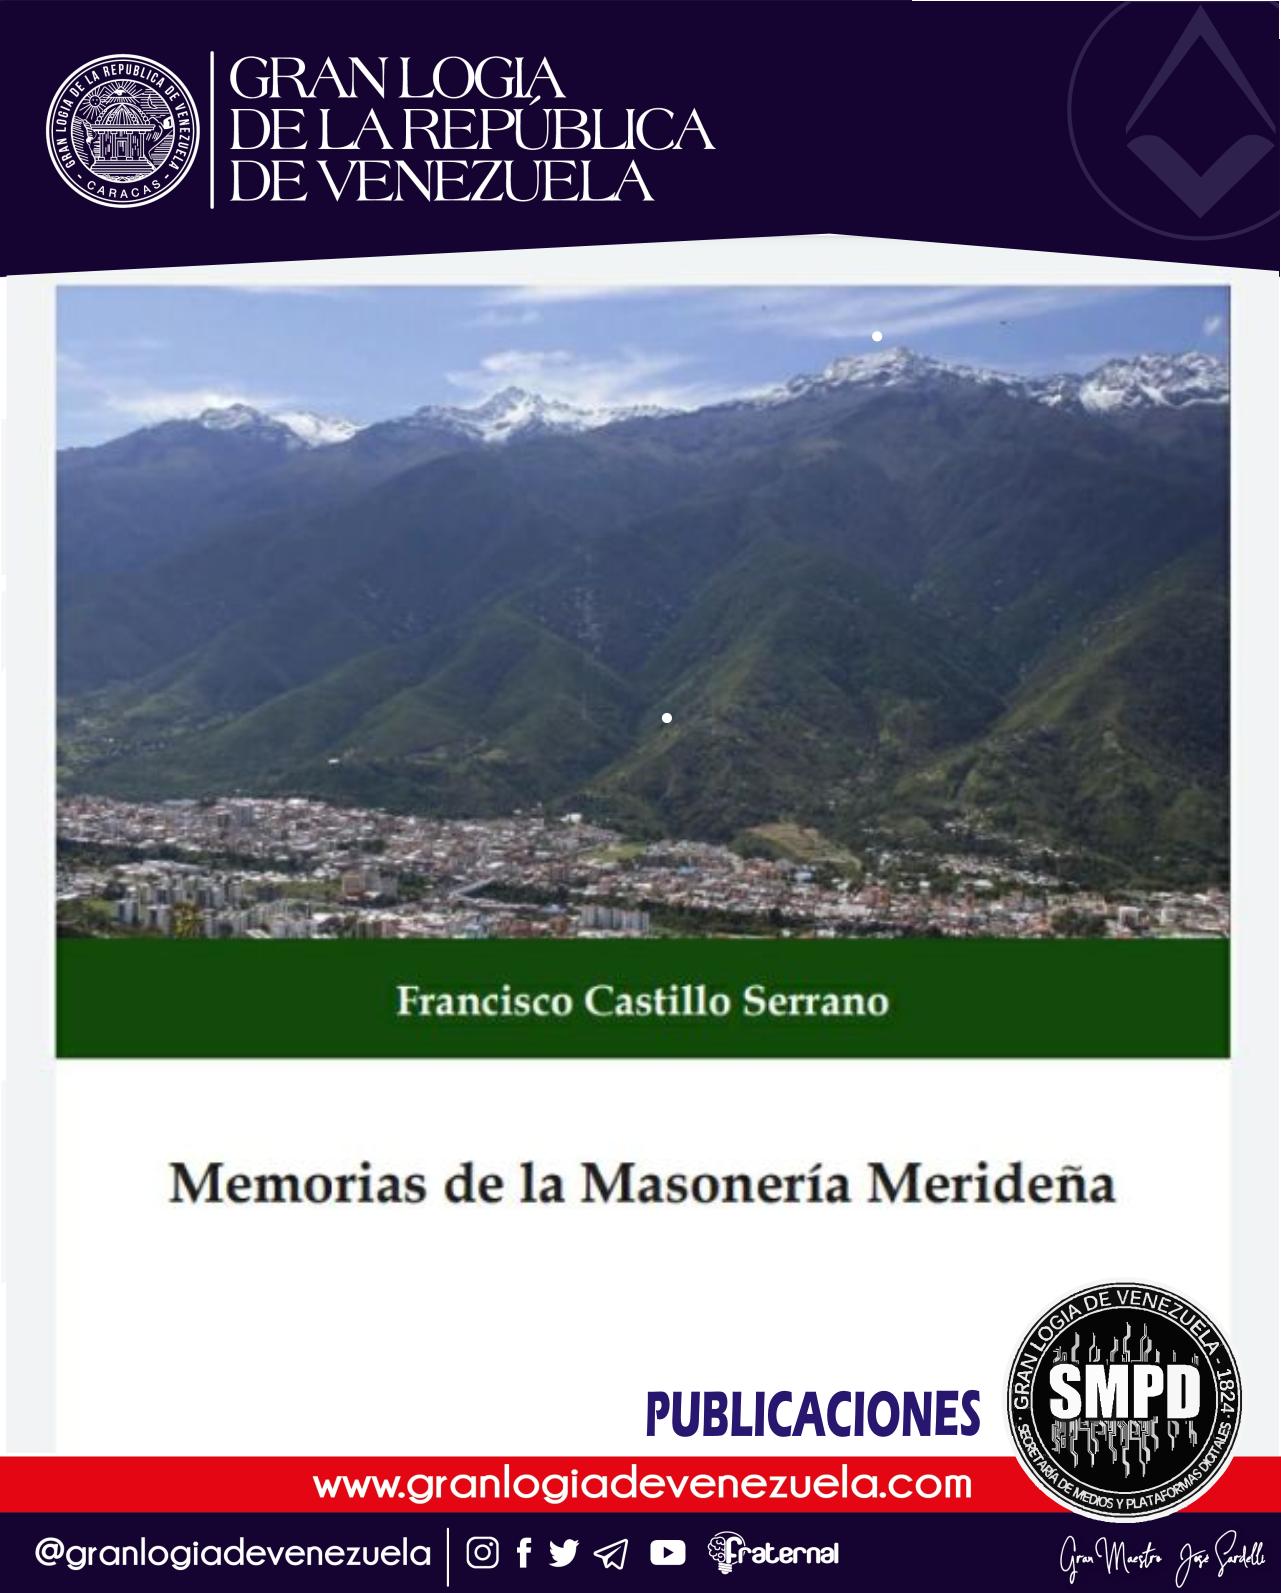 A L∴ G∴ D∴ G∴ A∴ D∴ U∴S∴ F∴ U∴ / Libro: Memorias de la Masonería Merideña. Autor: Q∴ H∴ Fernando Castillo Serrano.